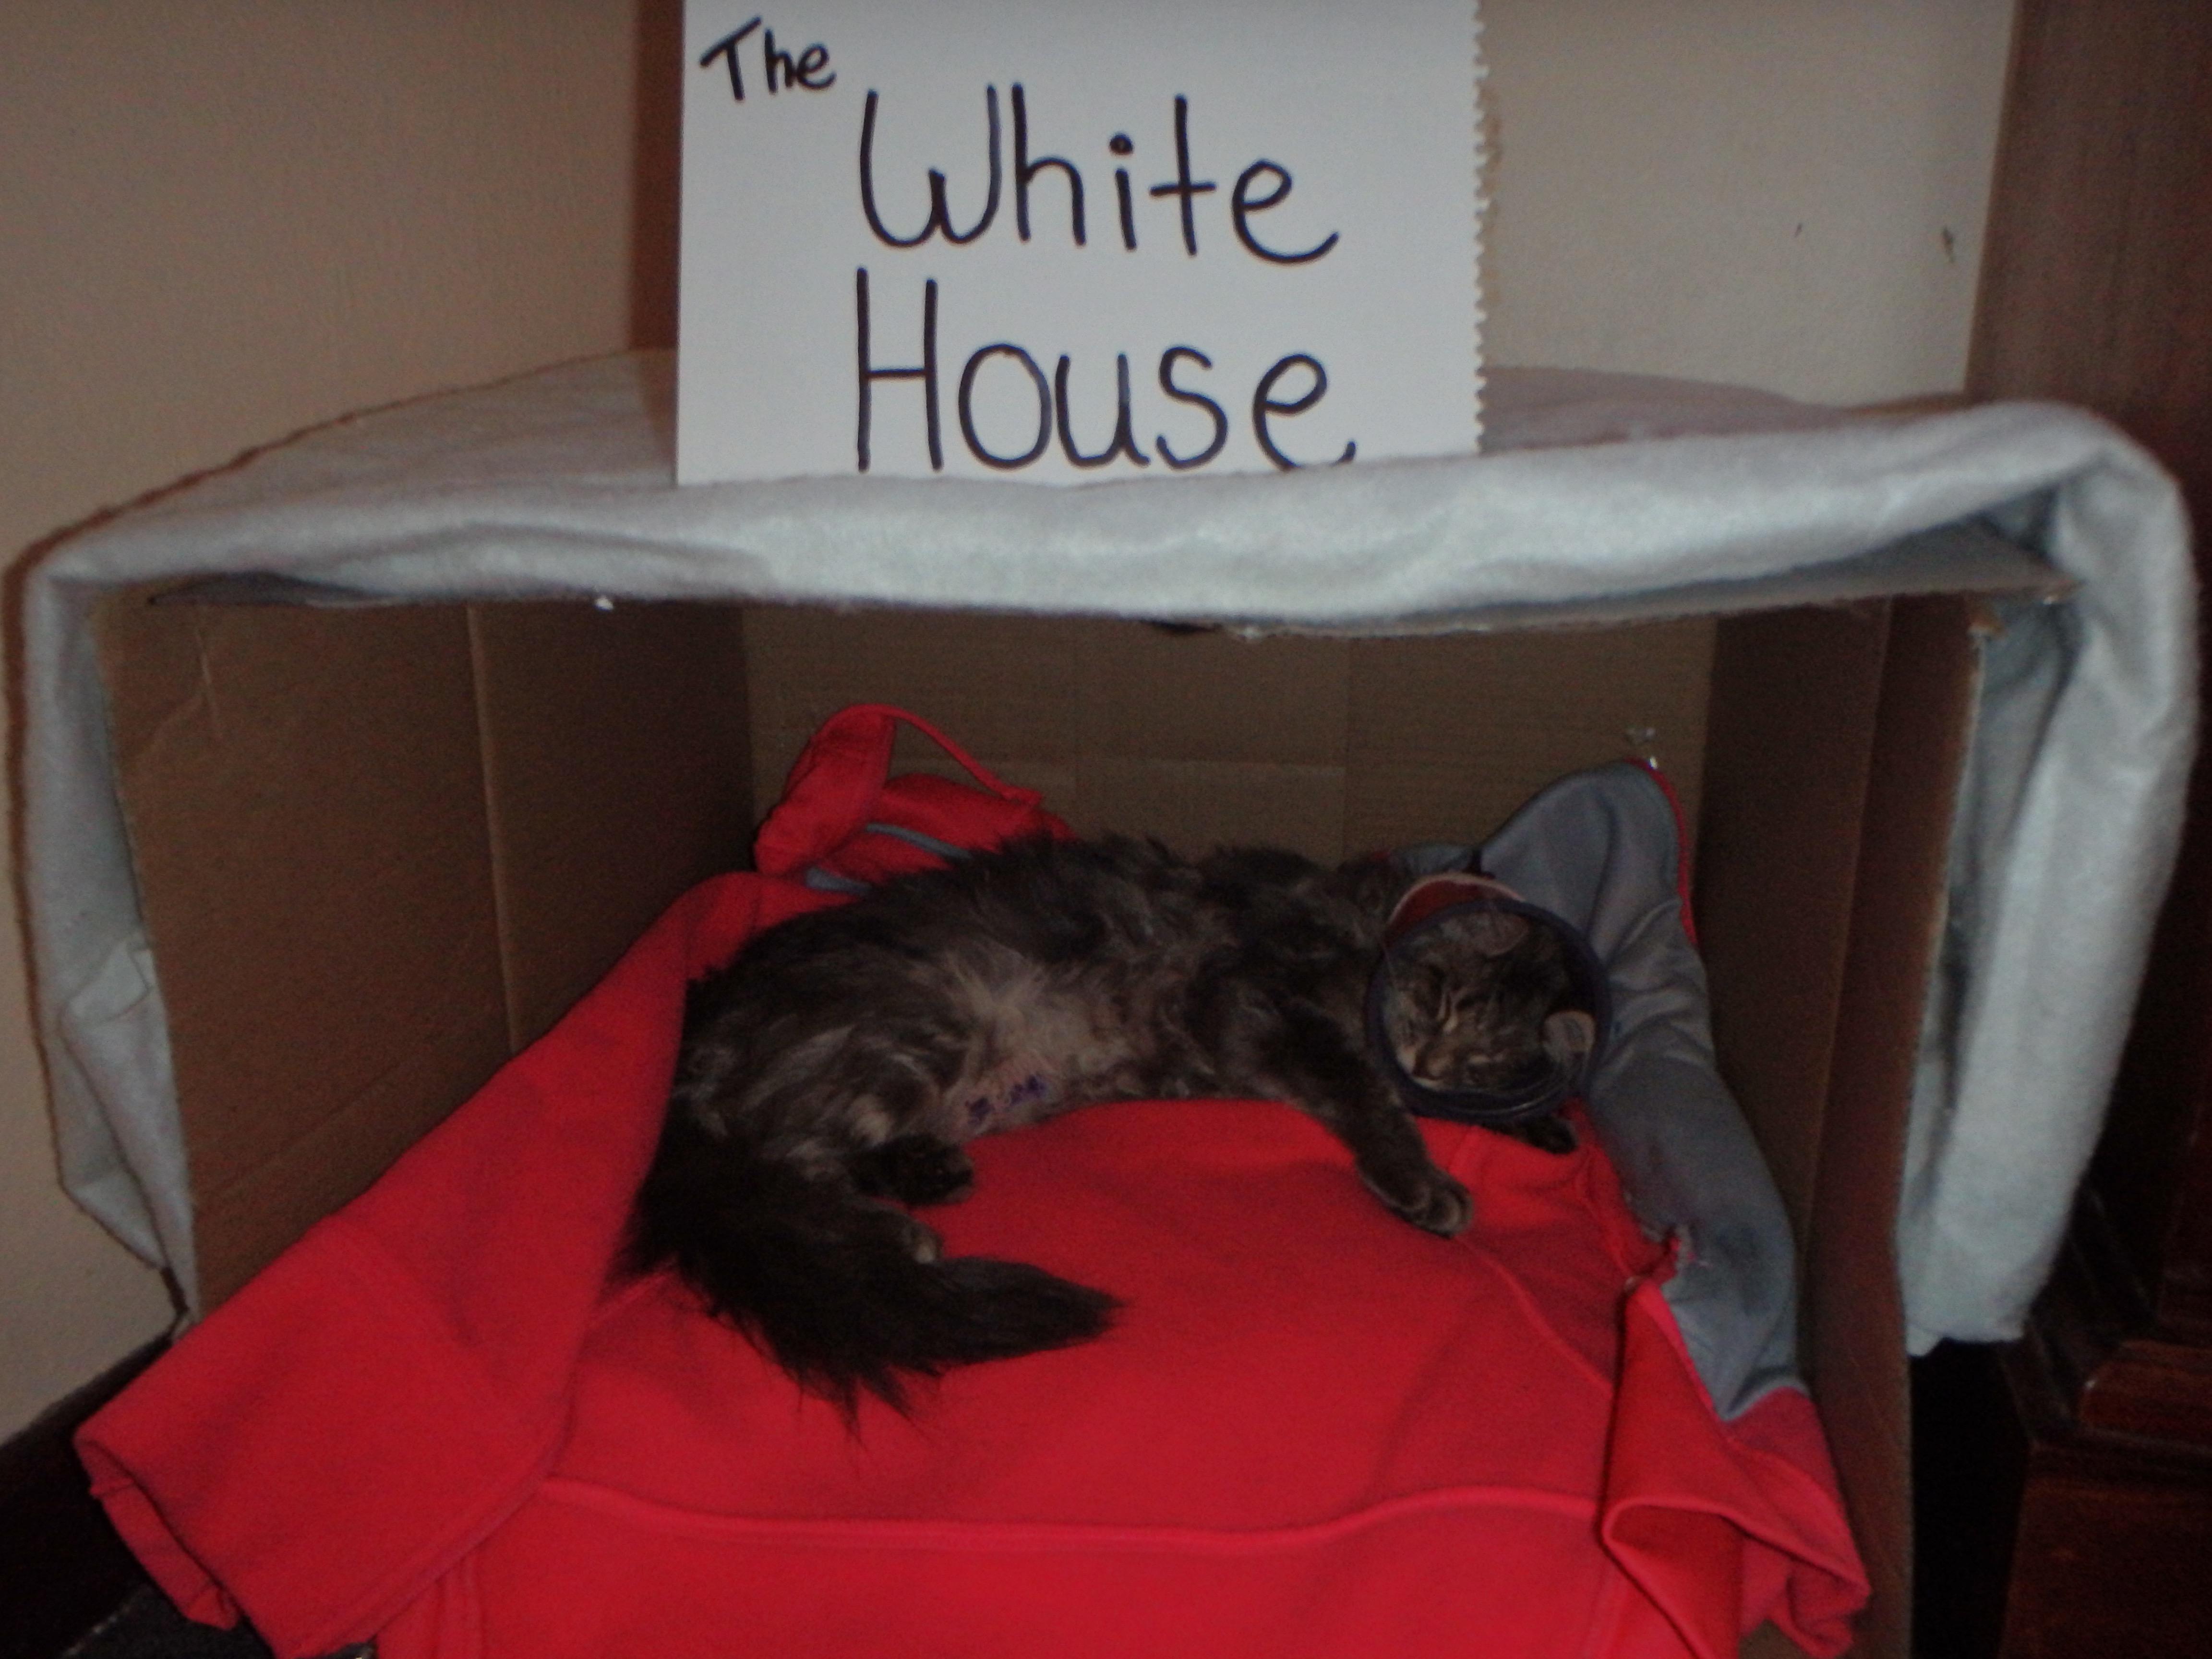 michelle obama's white house